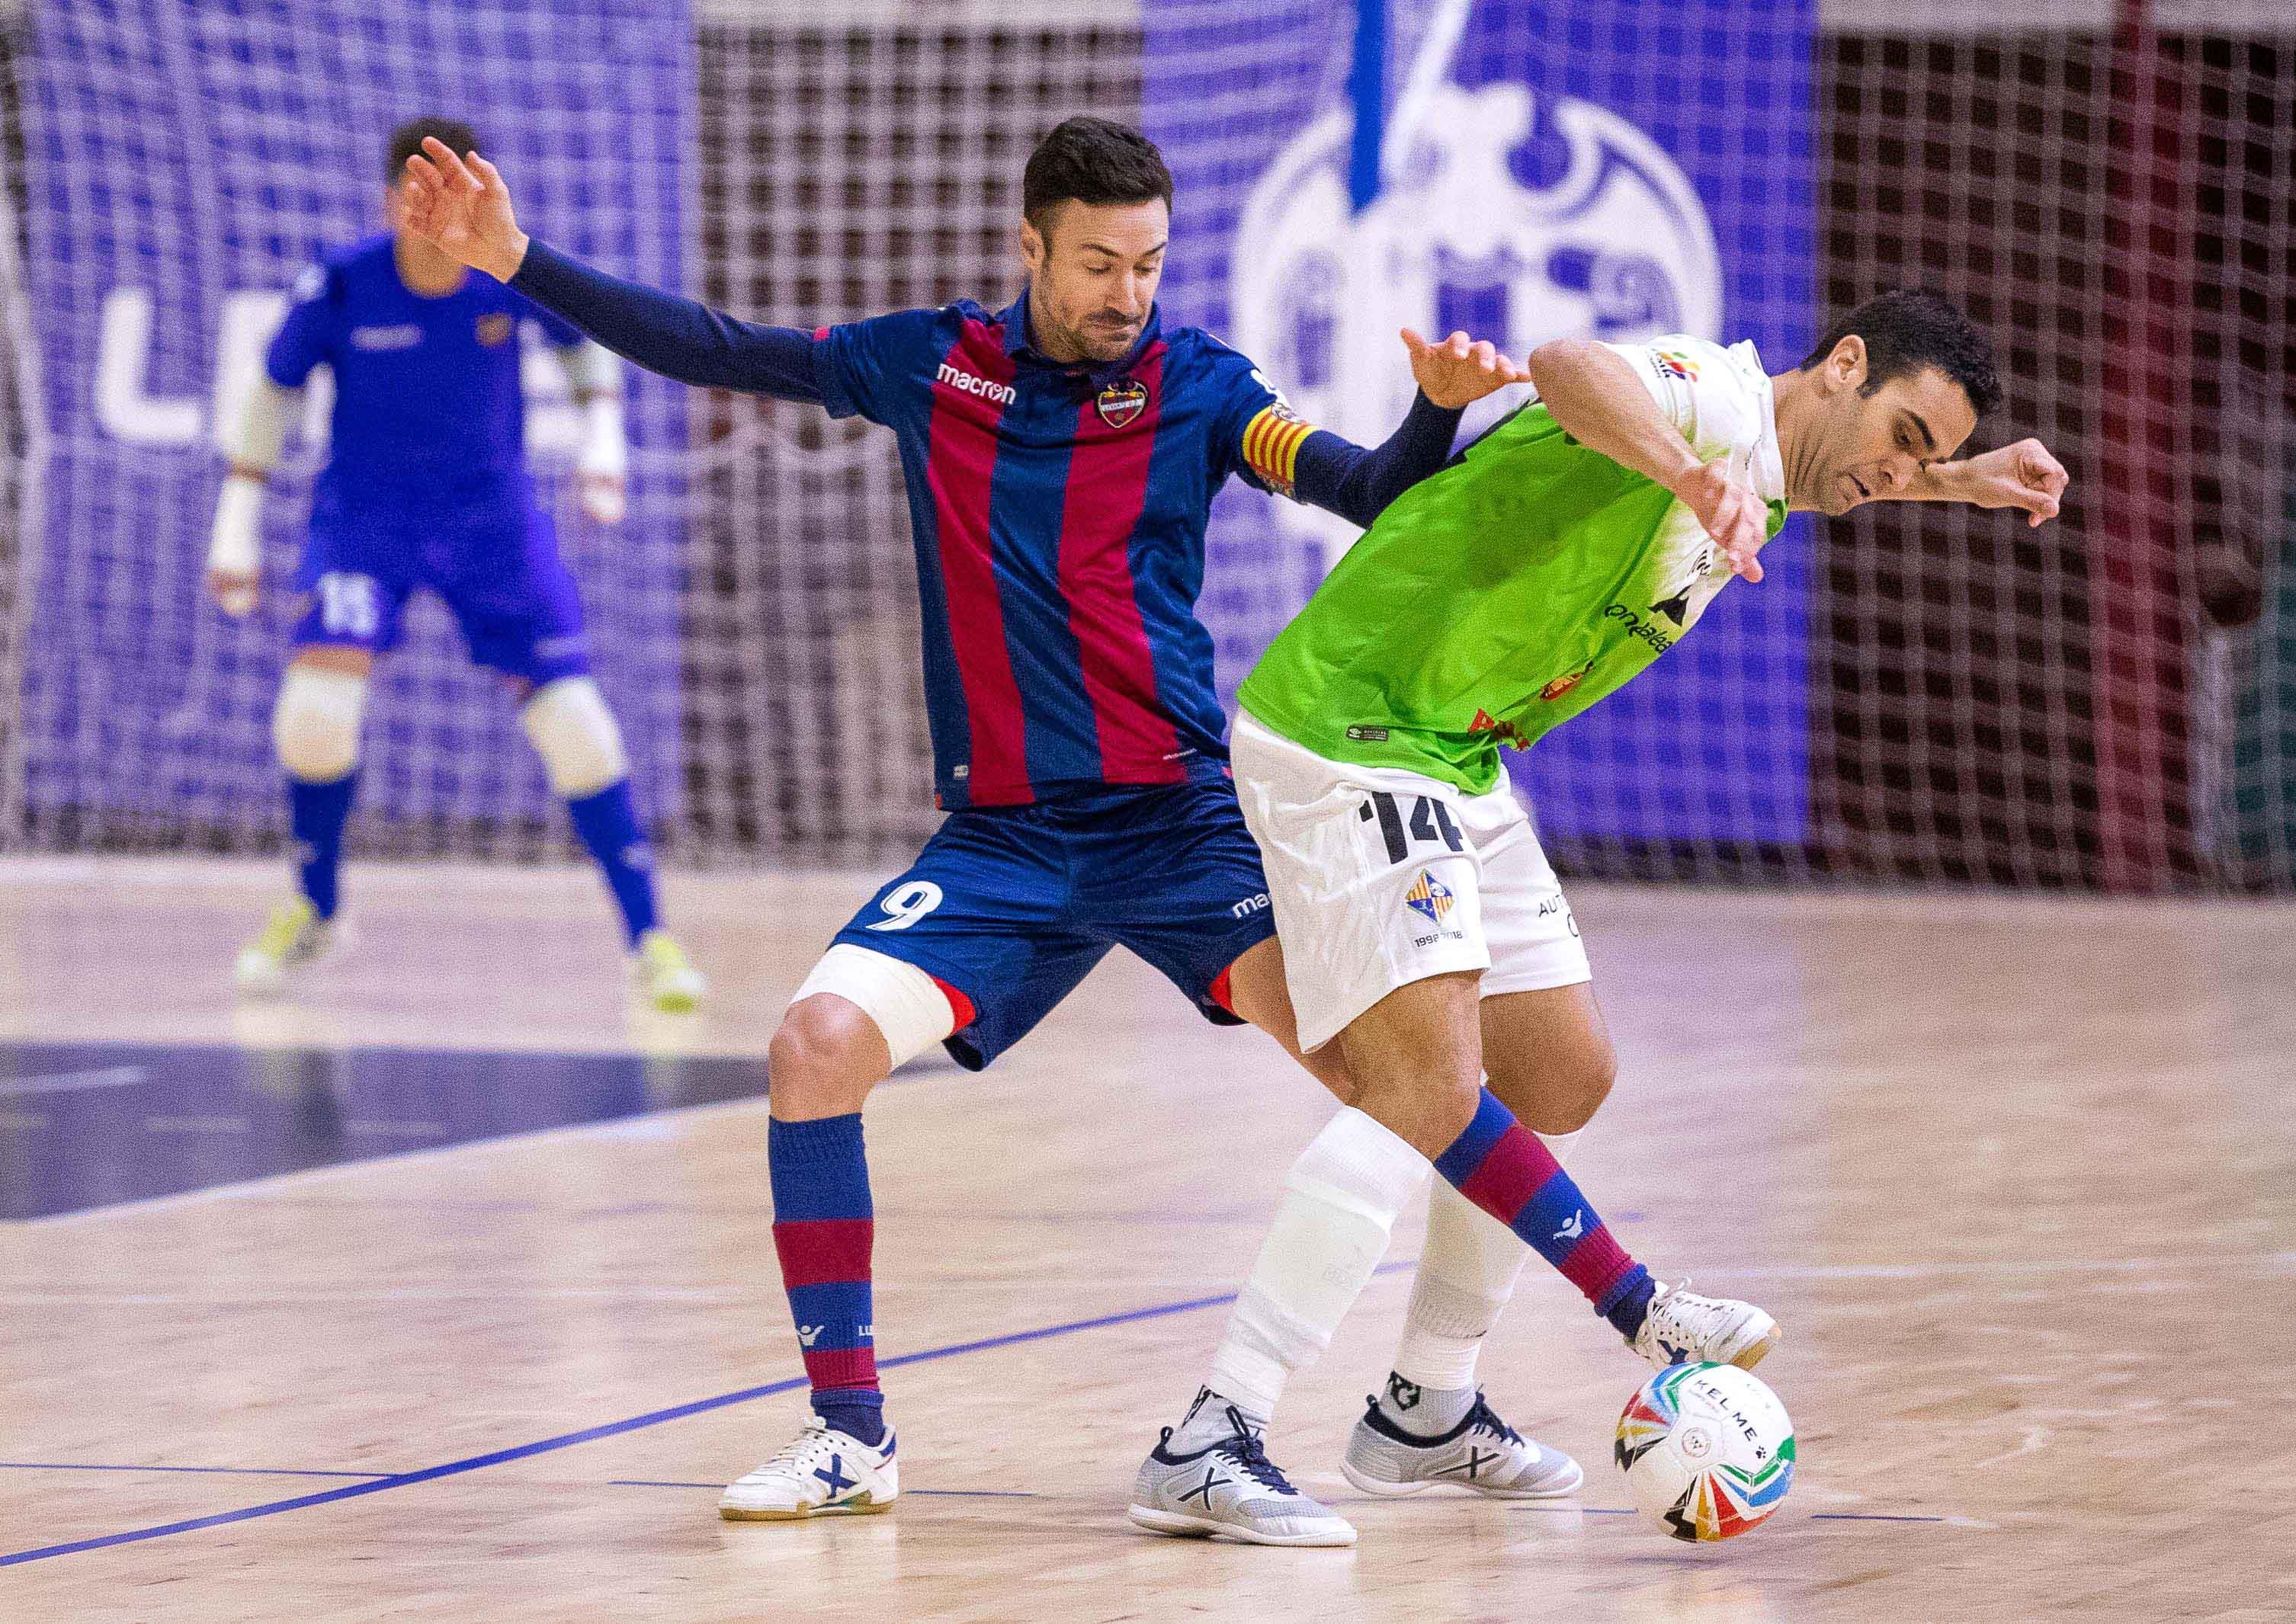 Los palos evitan la victoria del Palma en Valencia (2-2) - Fútbol ... 0e976f62eb061